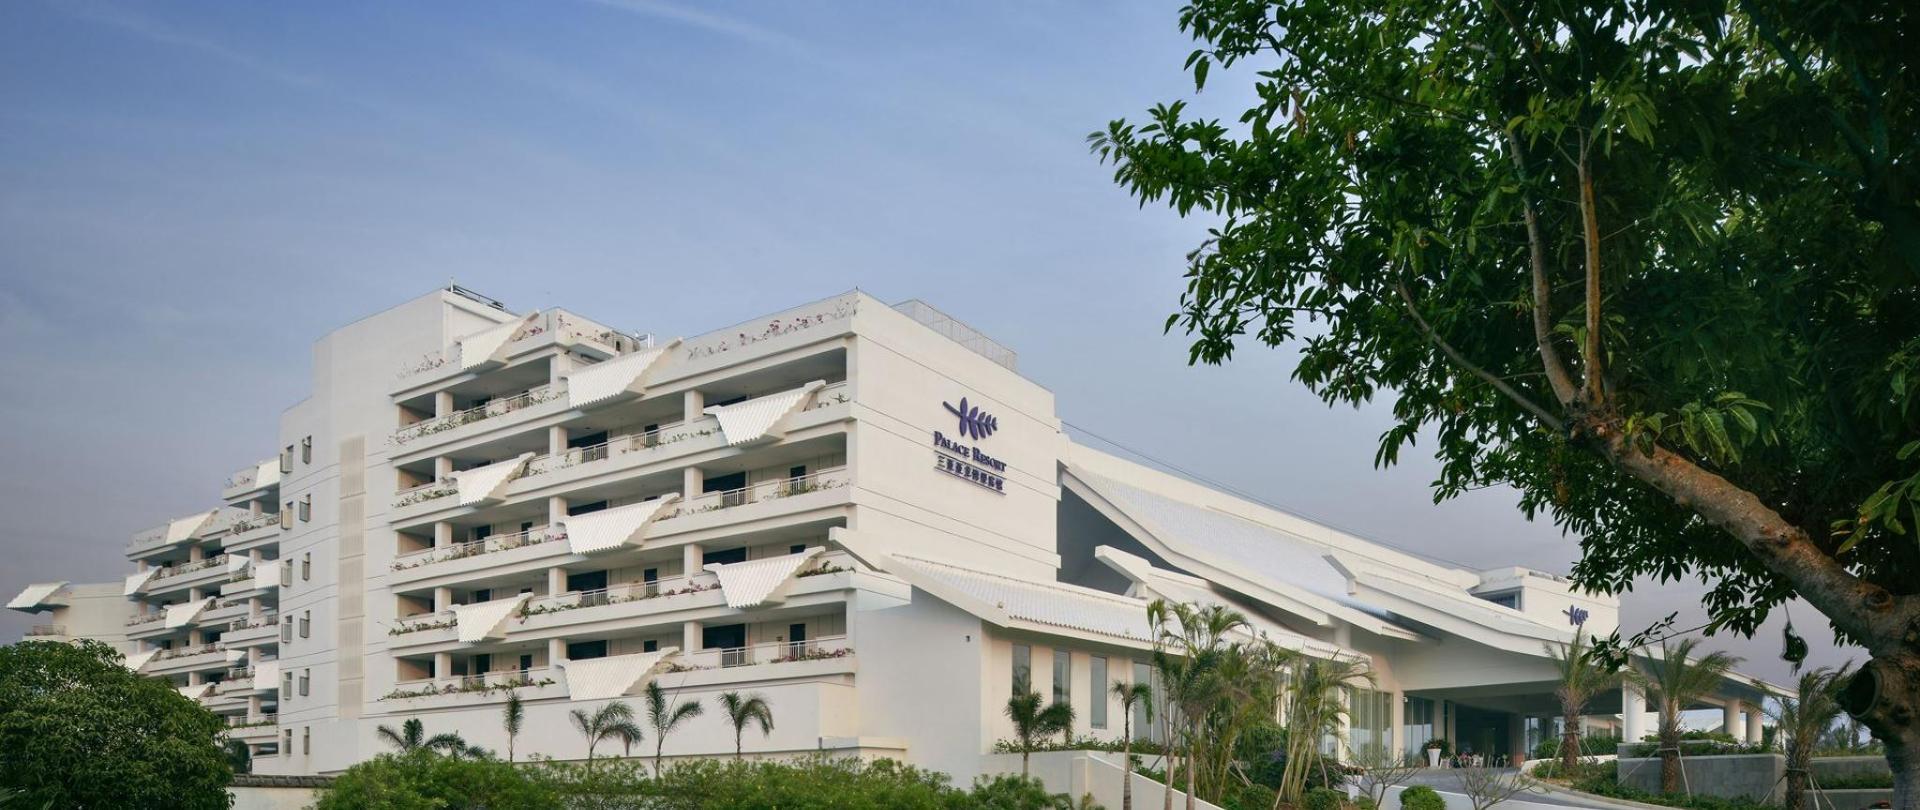 1 三亚亚龙湾迎宾馆-酒店外观 3.jpg